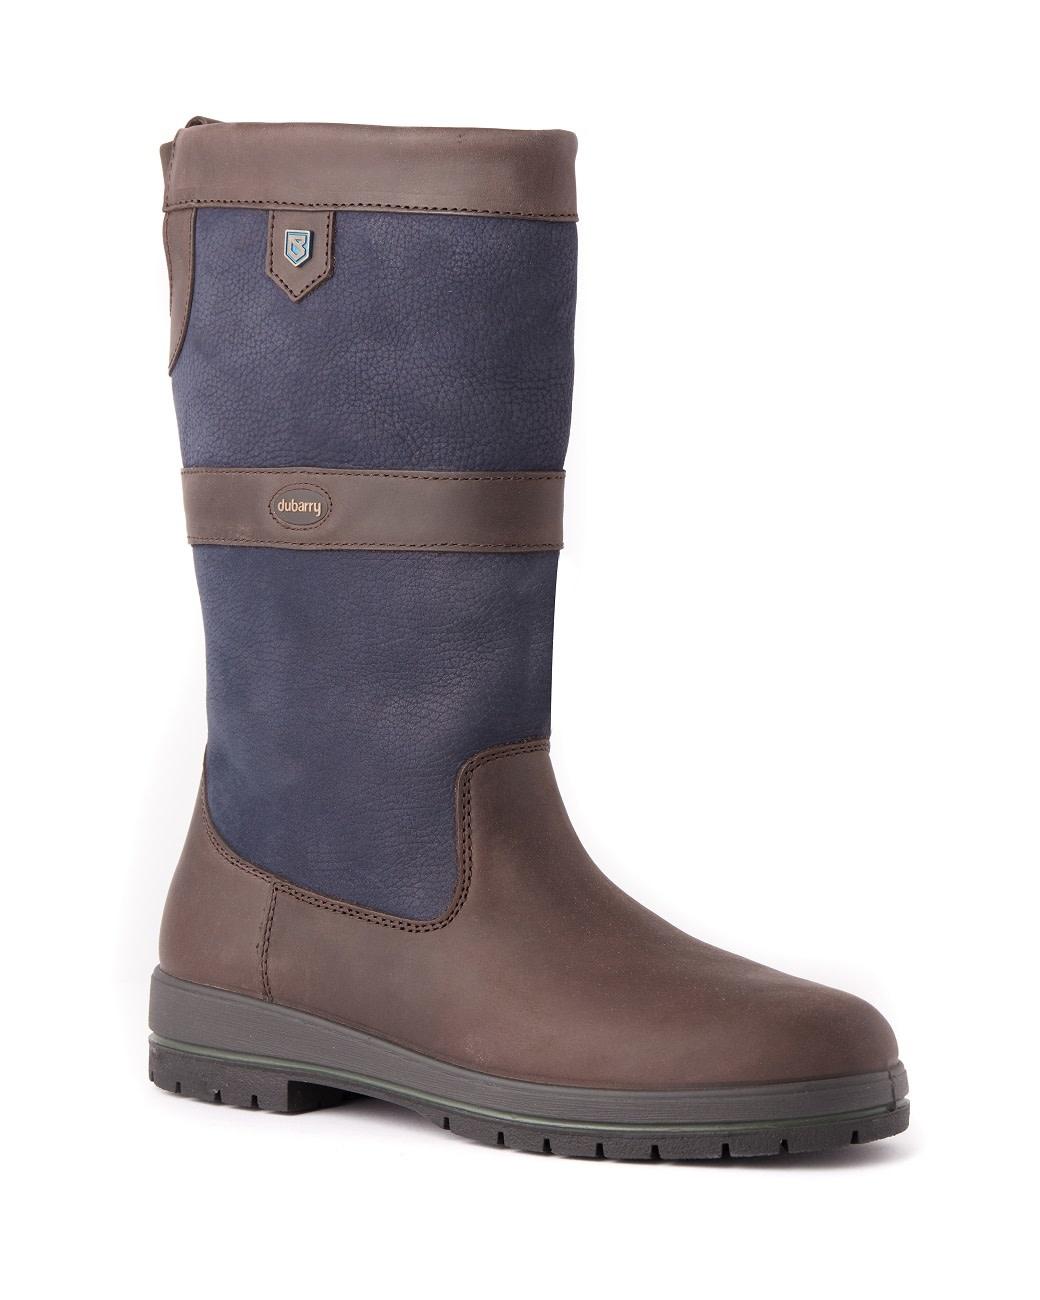 Dubarry Kildare outdoor laarzen - Navy/Brown-1